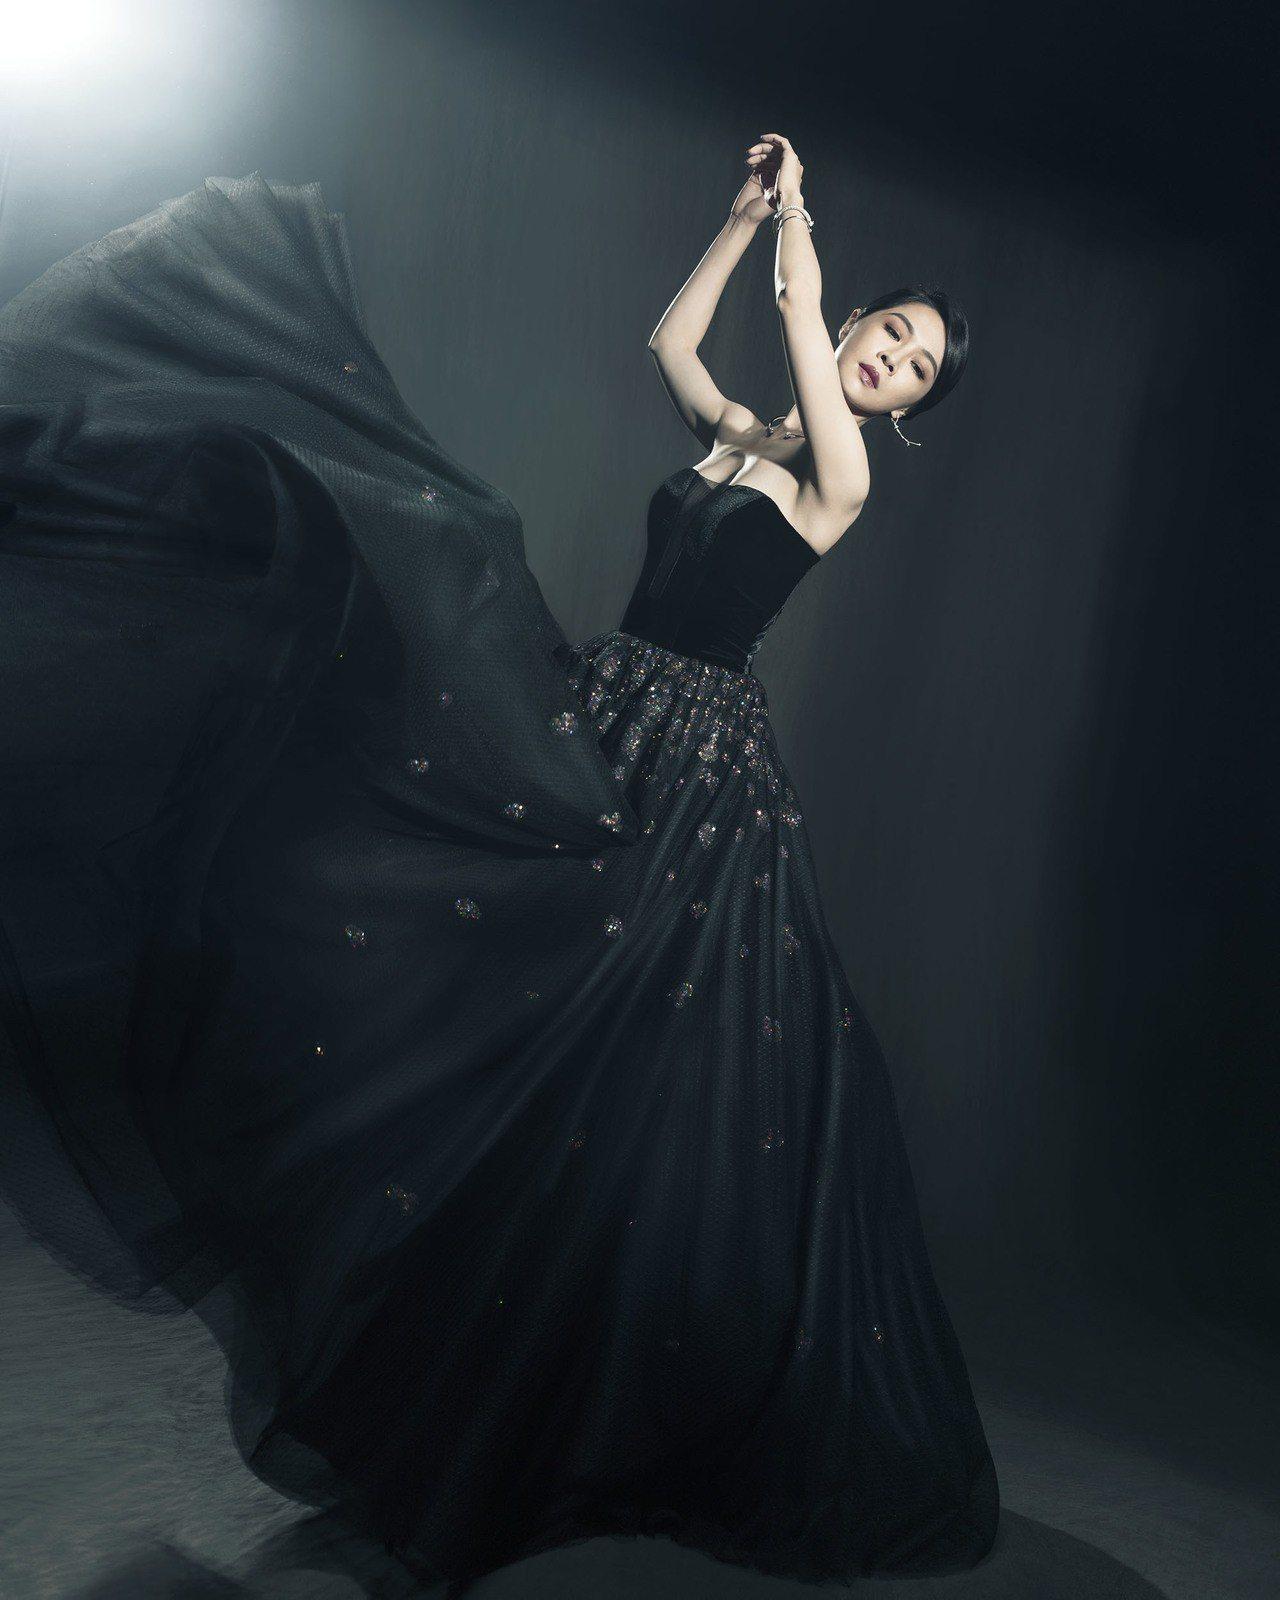 入圍最佳女主角的謝盈萱拍攝「金馬榮耀時刻」留下紀念。圖/伯爵提供